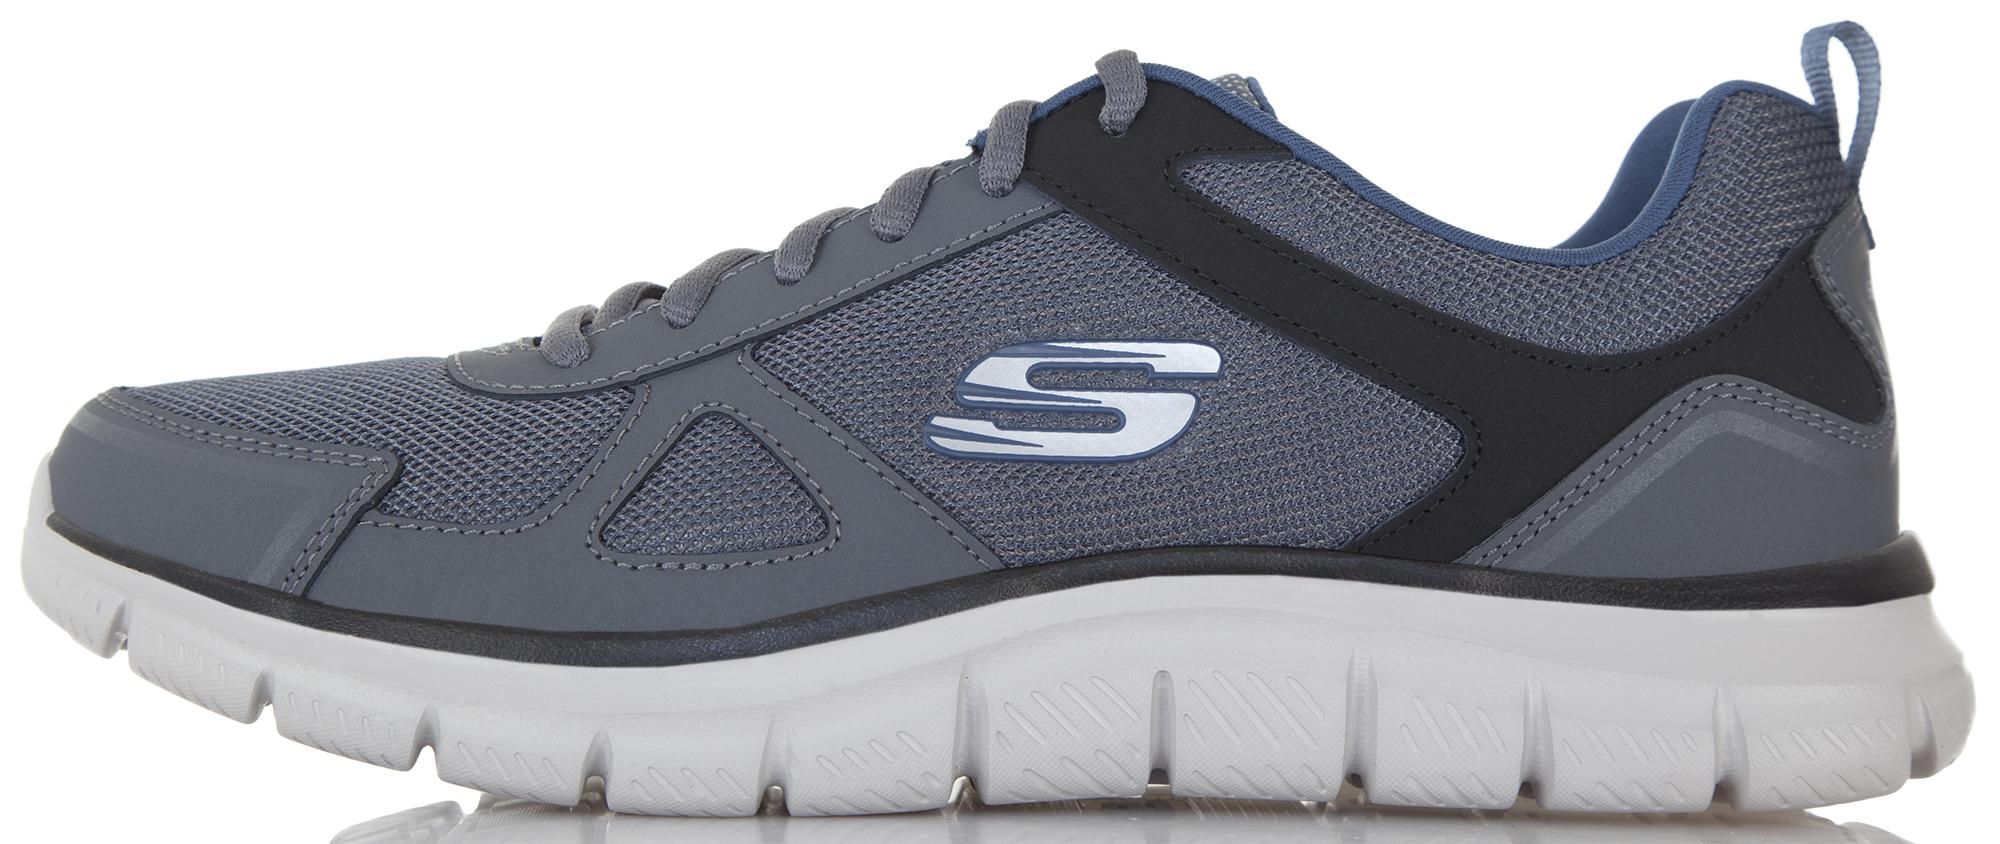 Фото - Skechers Кроссовки мужские Skechers Track, размер 43 кроссовки мужские твое цвет белый a4390 размер 45